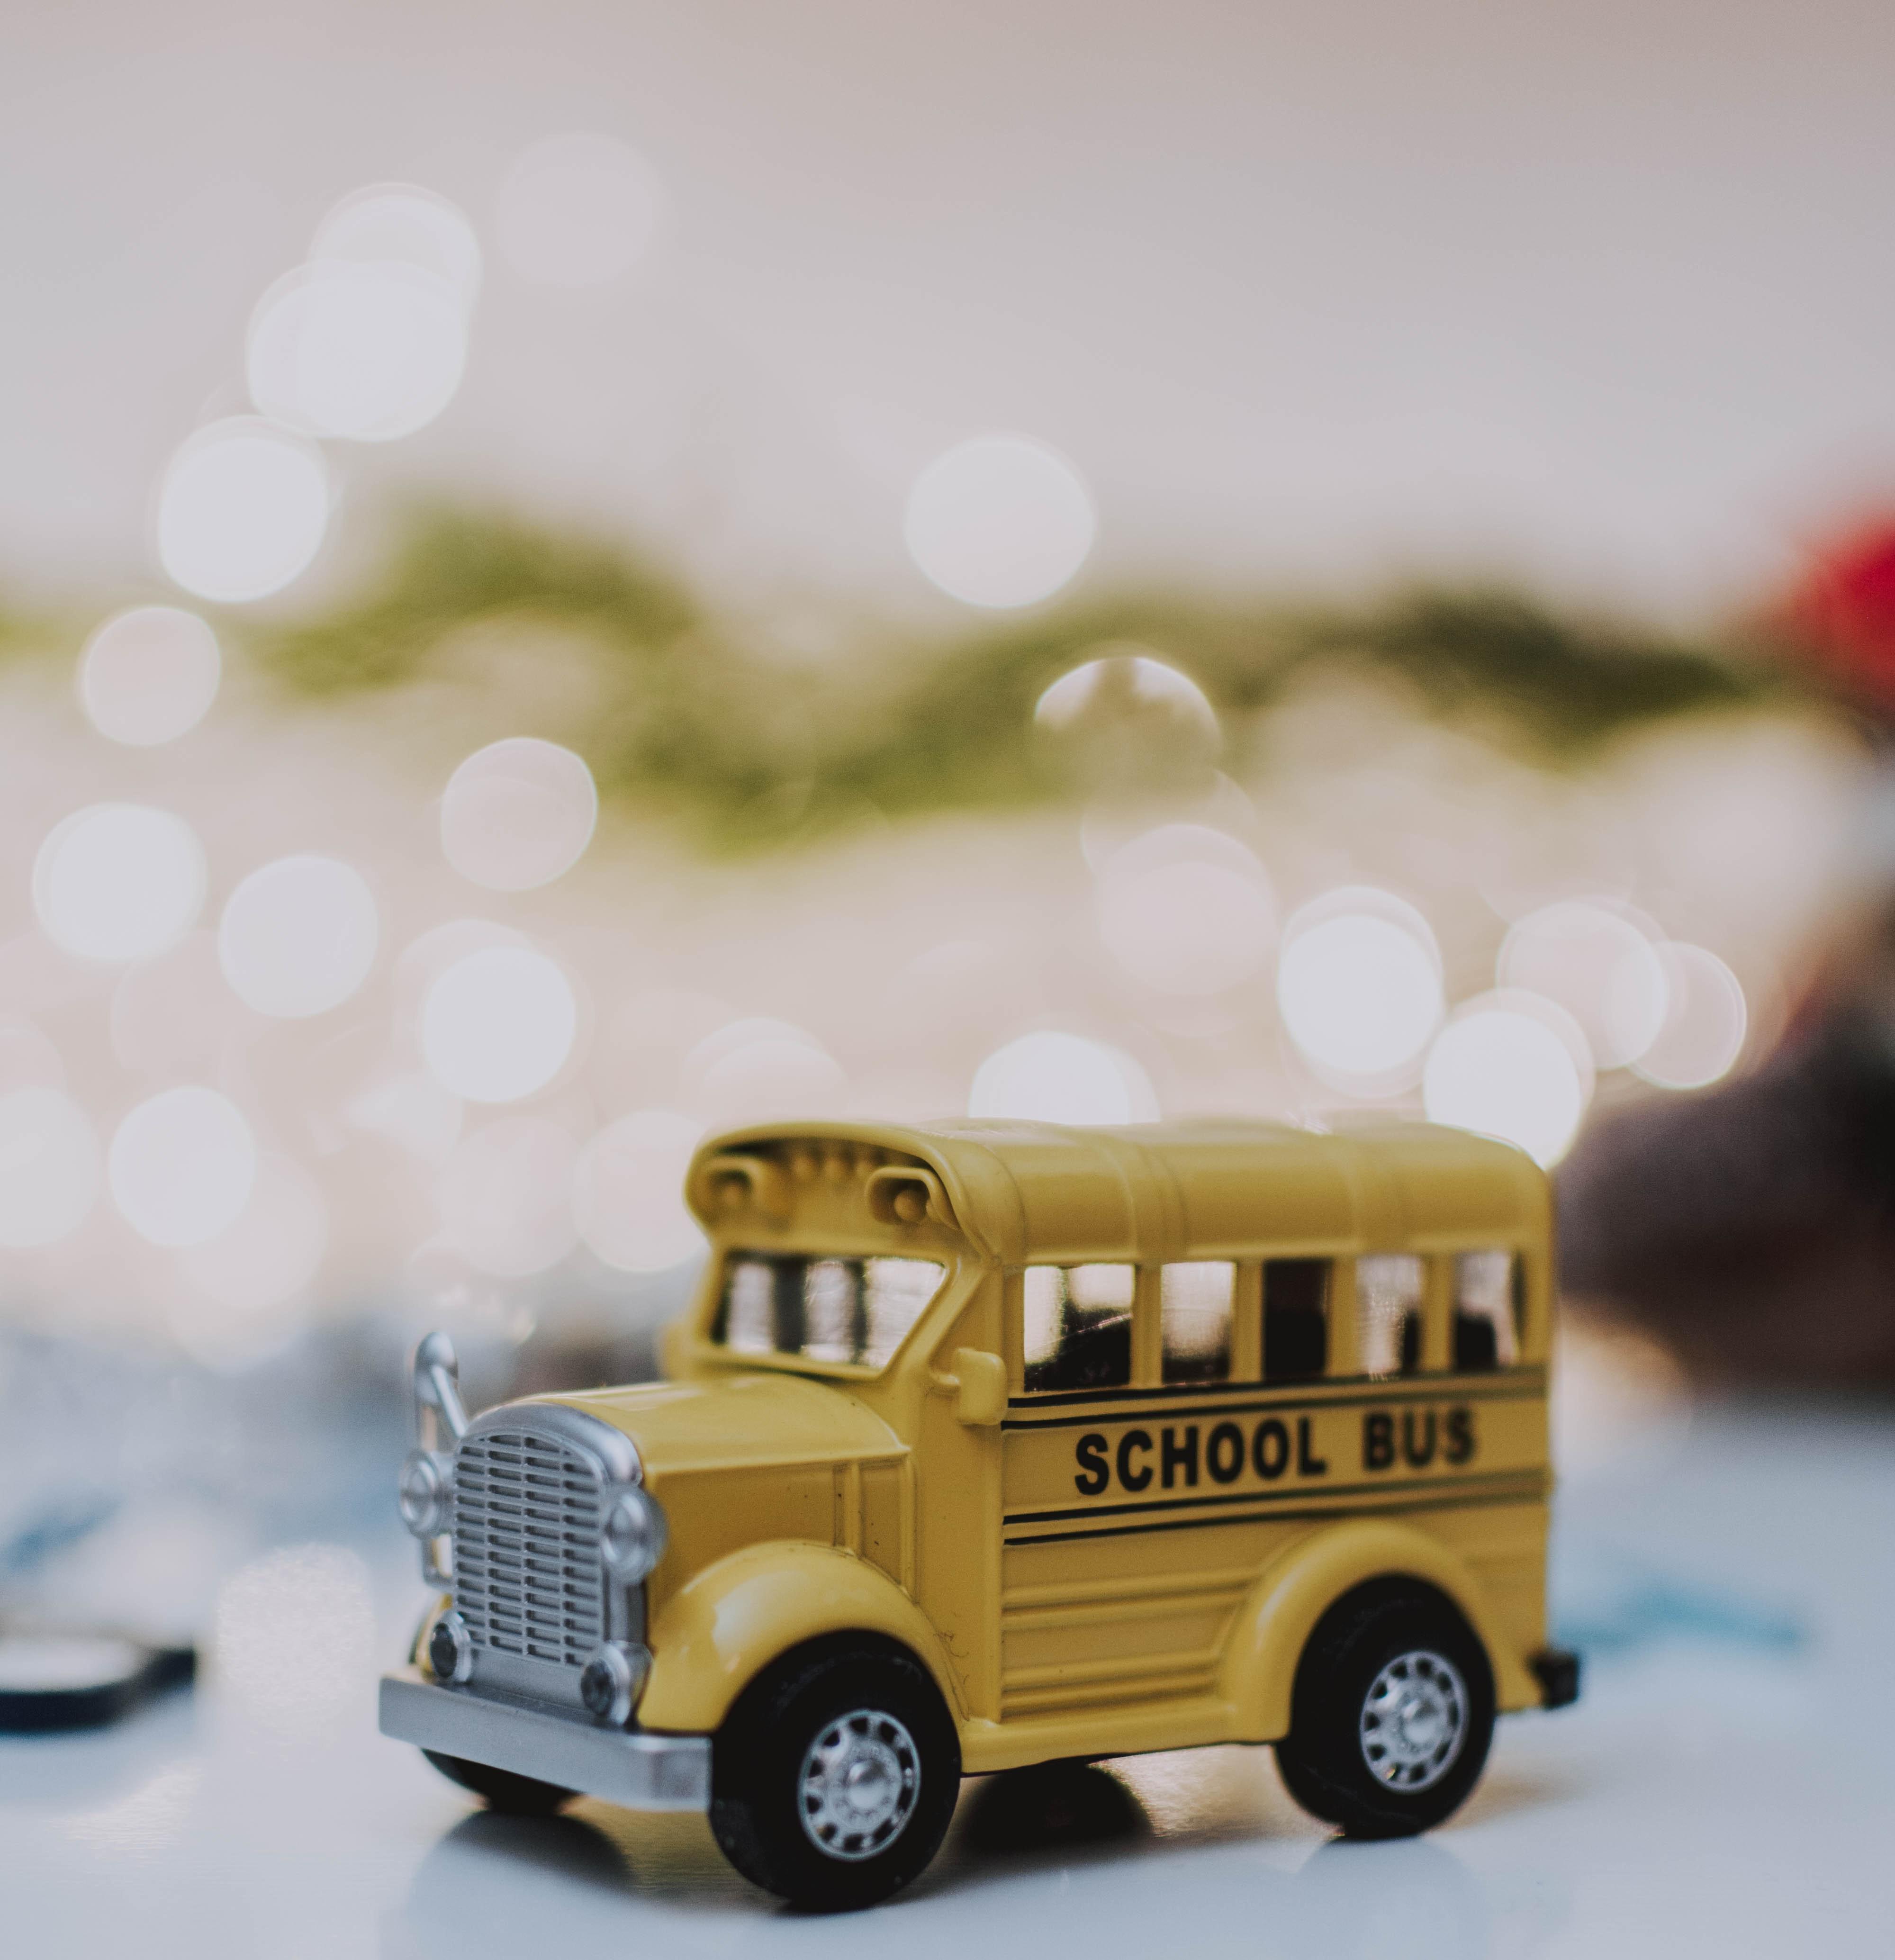 Trasporto scolastico: comunicazione avvio del servizio as 2021/22